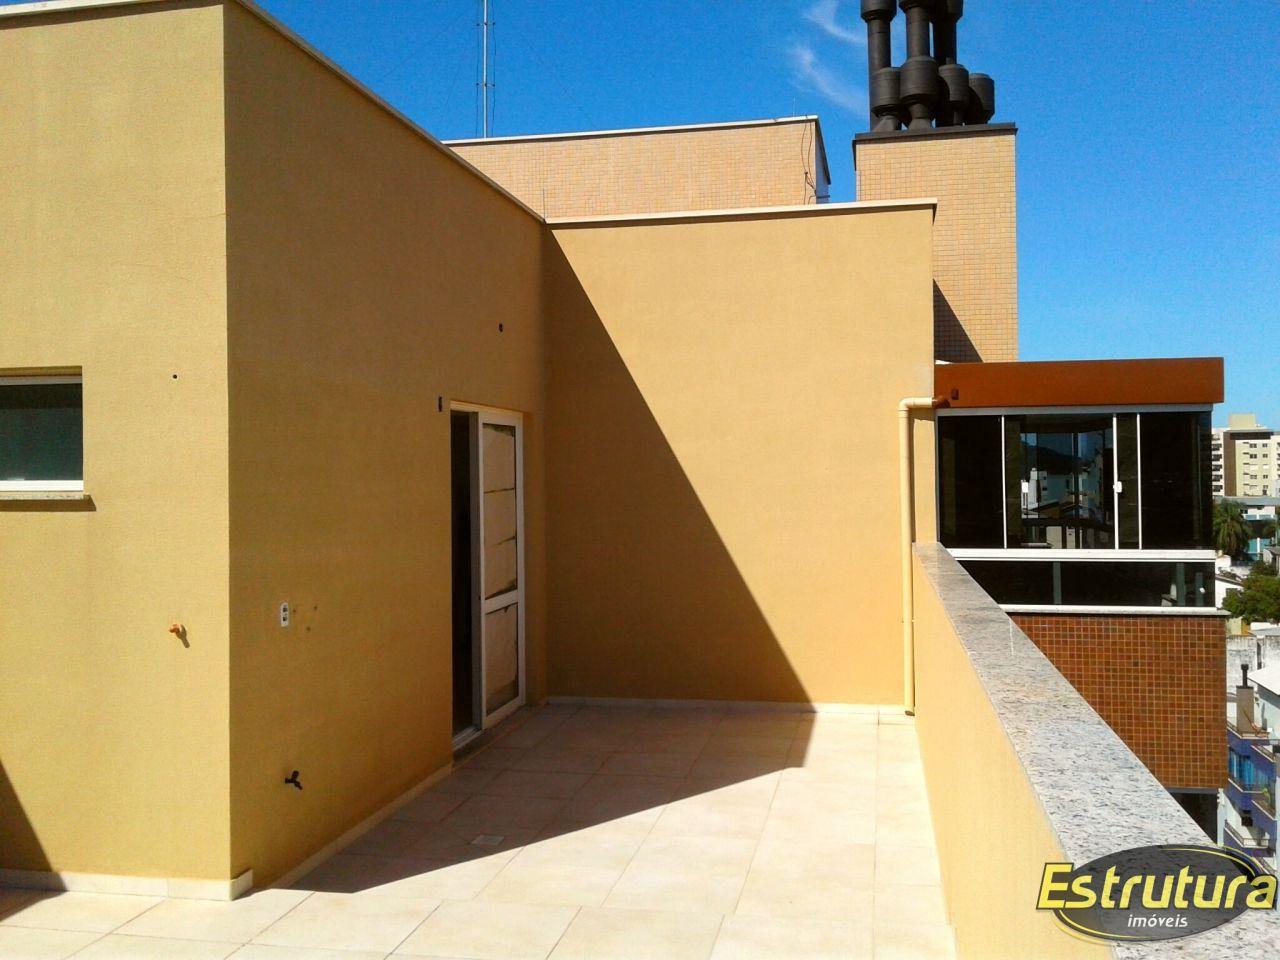 Cobertura com 3 Dormitórios à venda, 200 m² por R$ 1.150.000,00